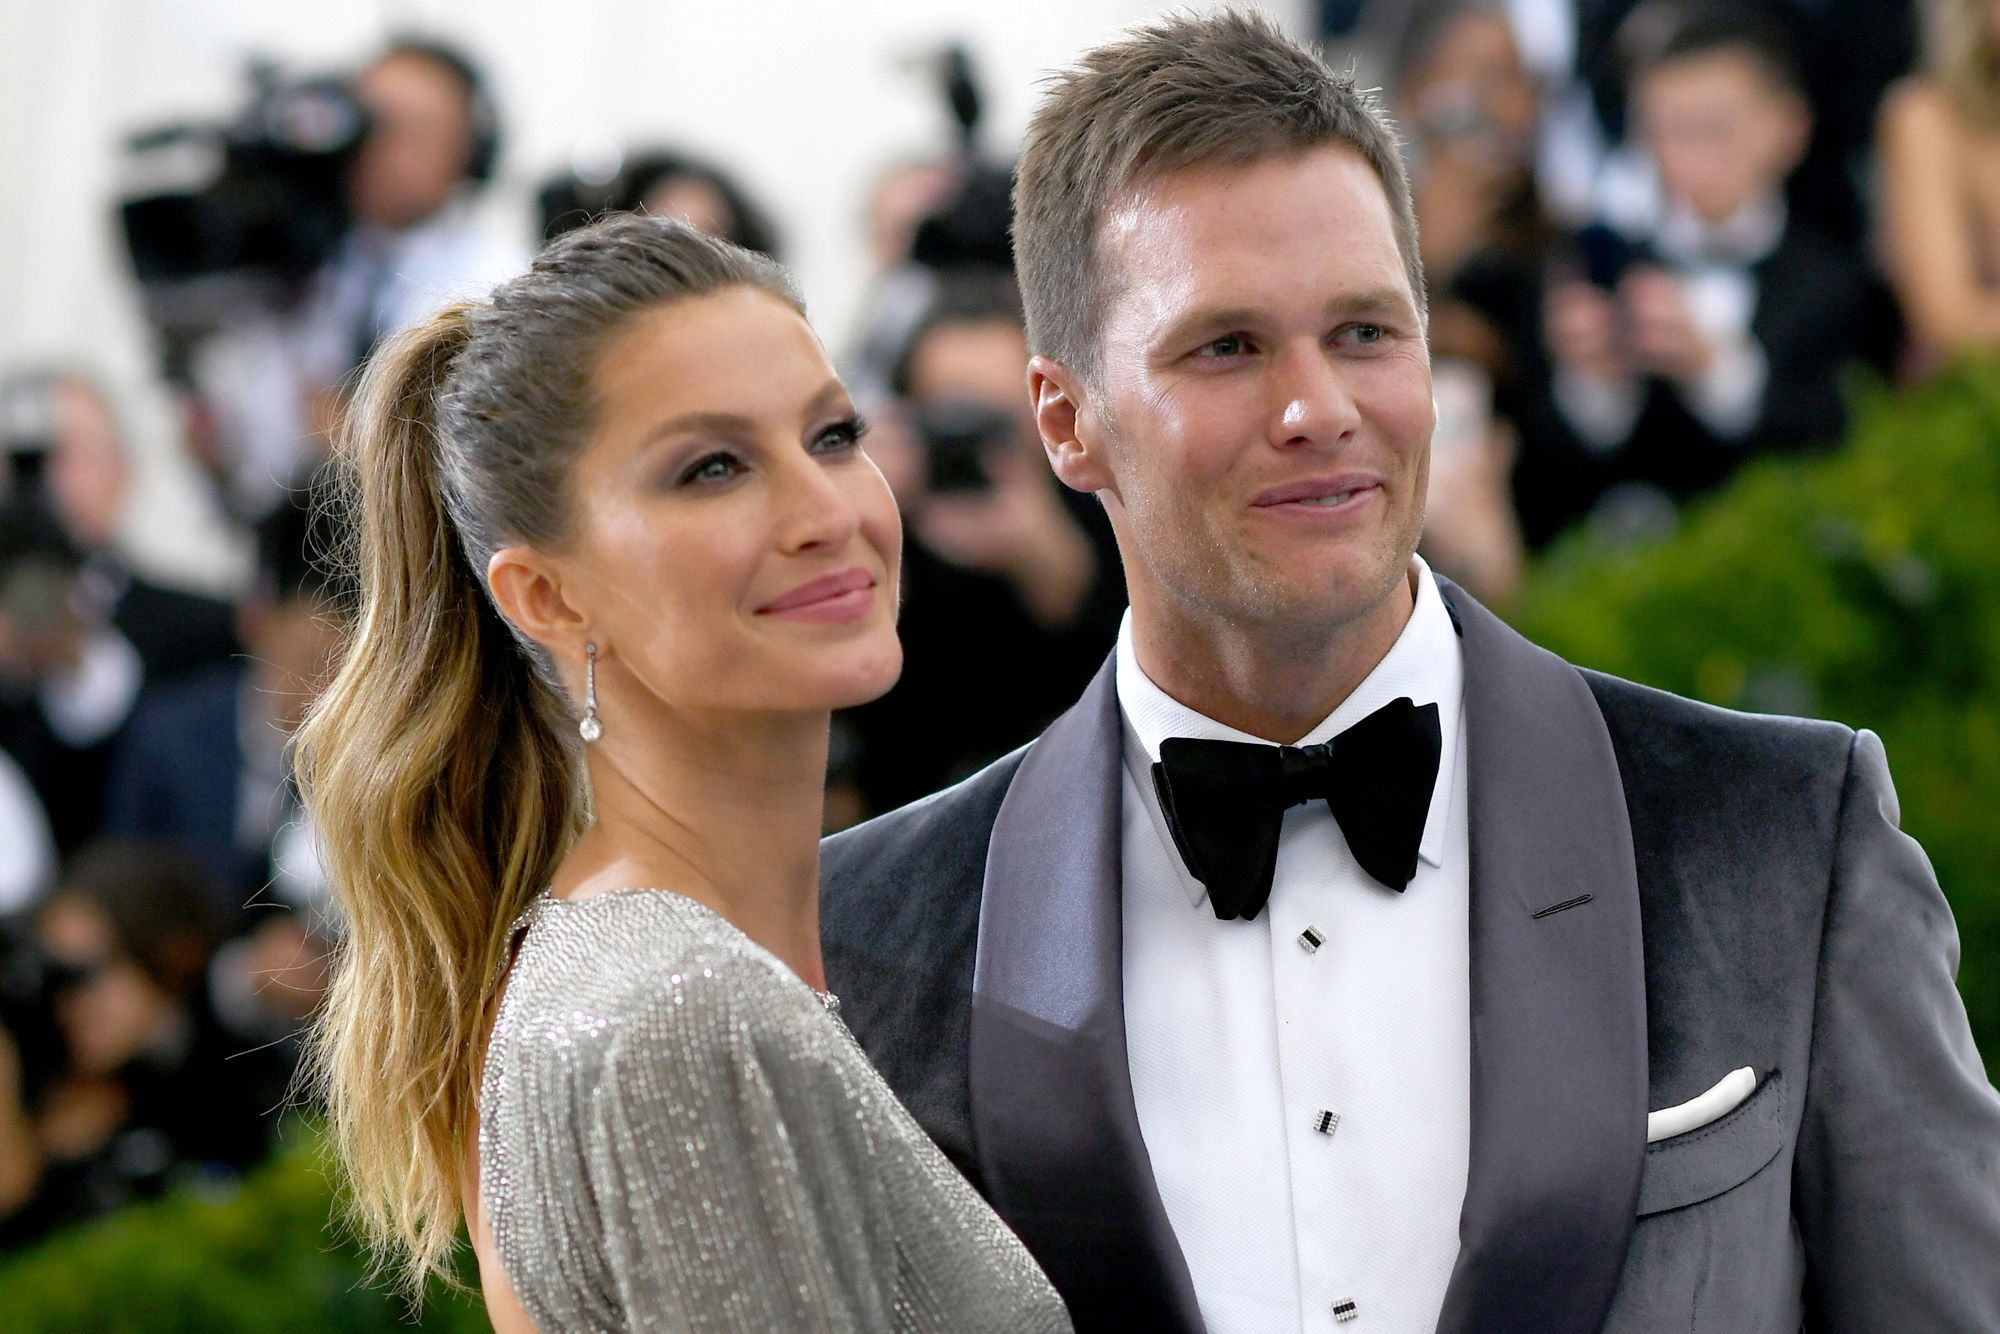 Tom Brady with wife